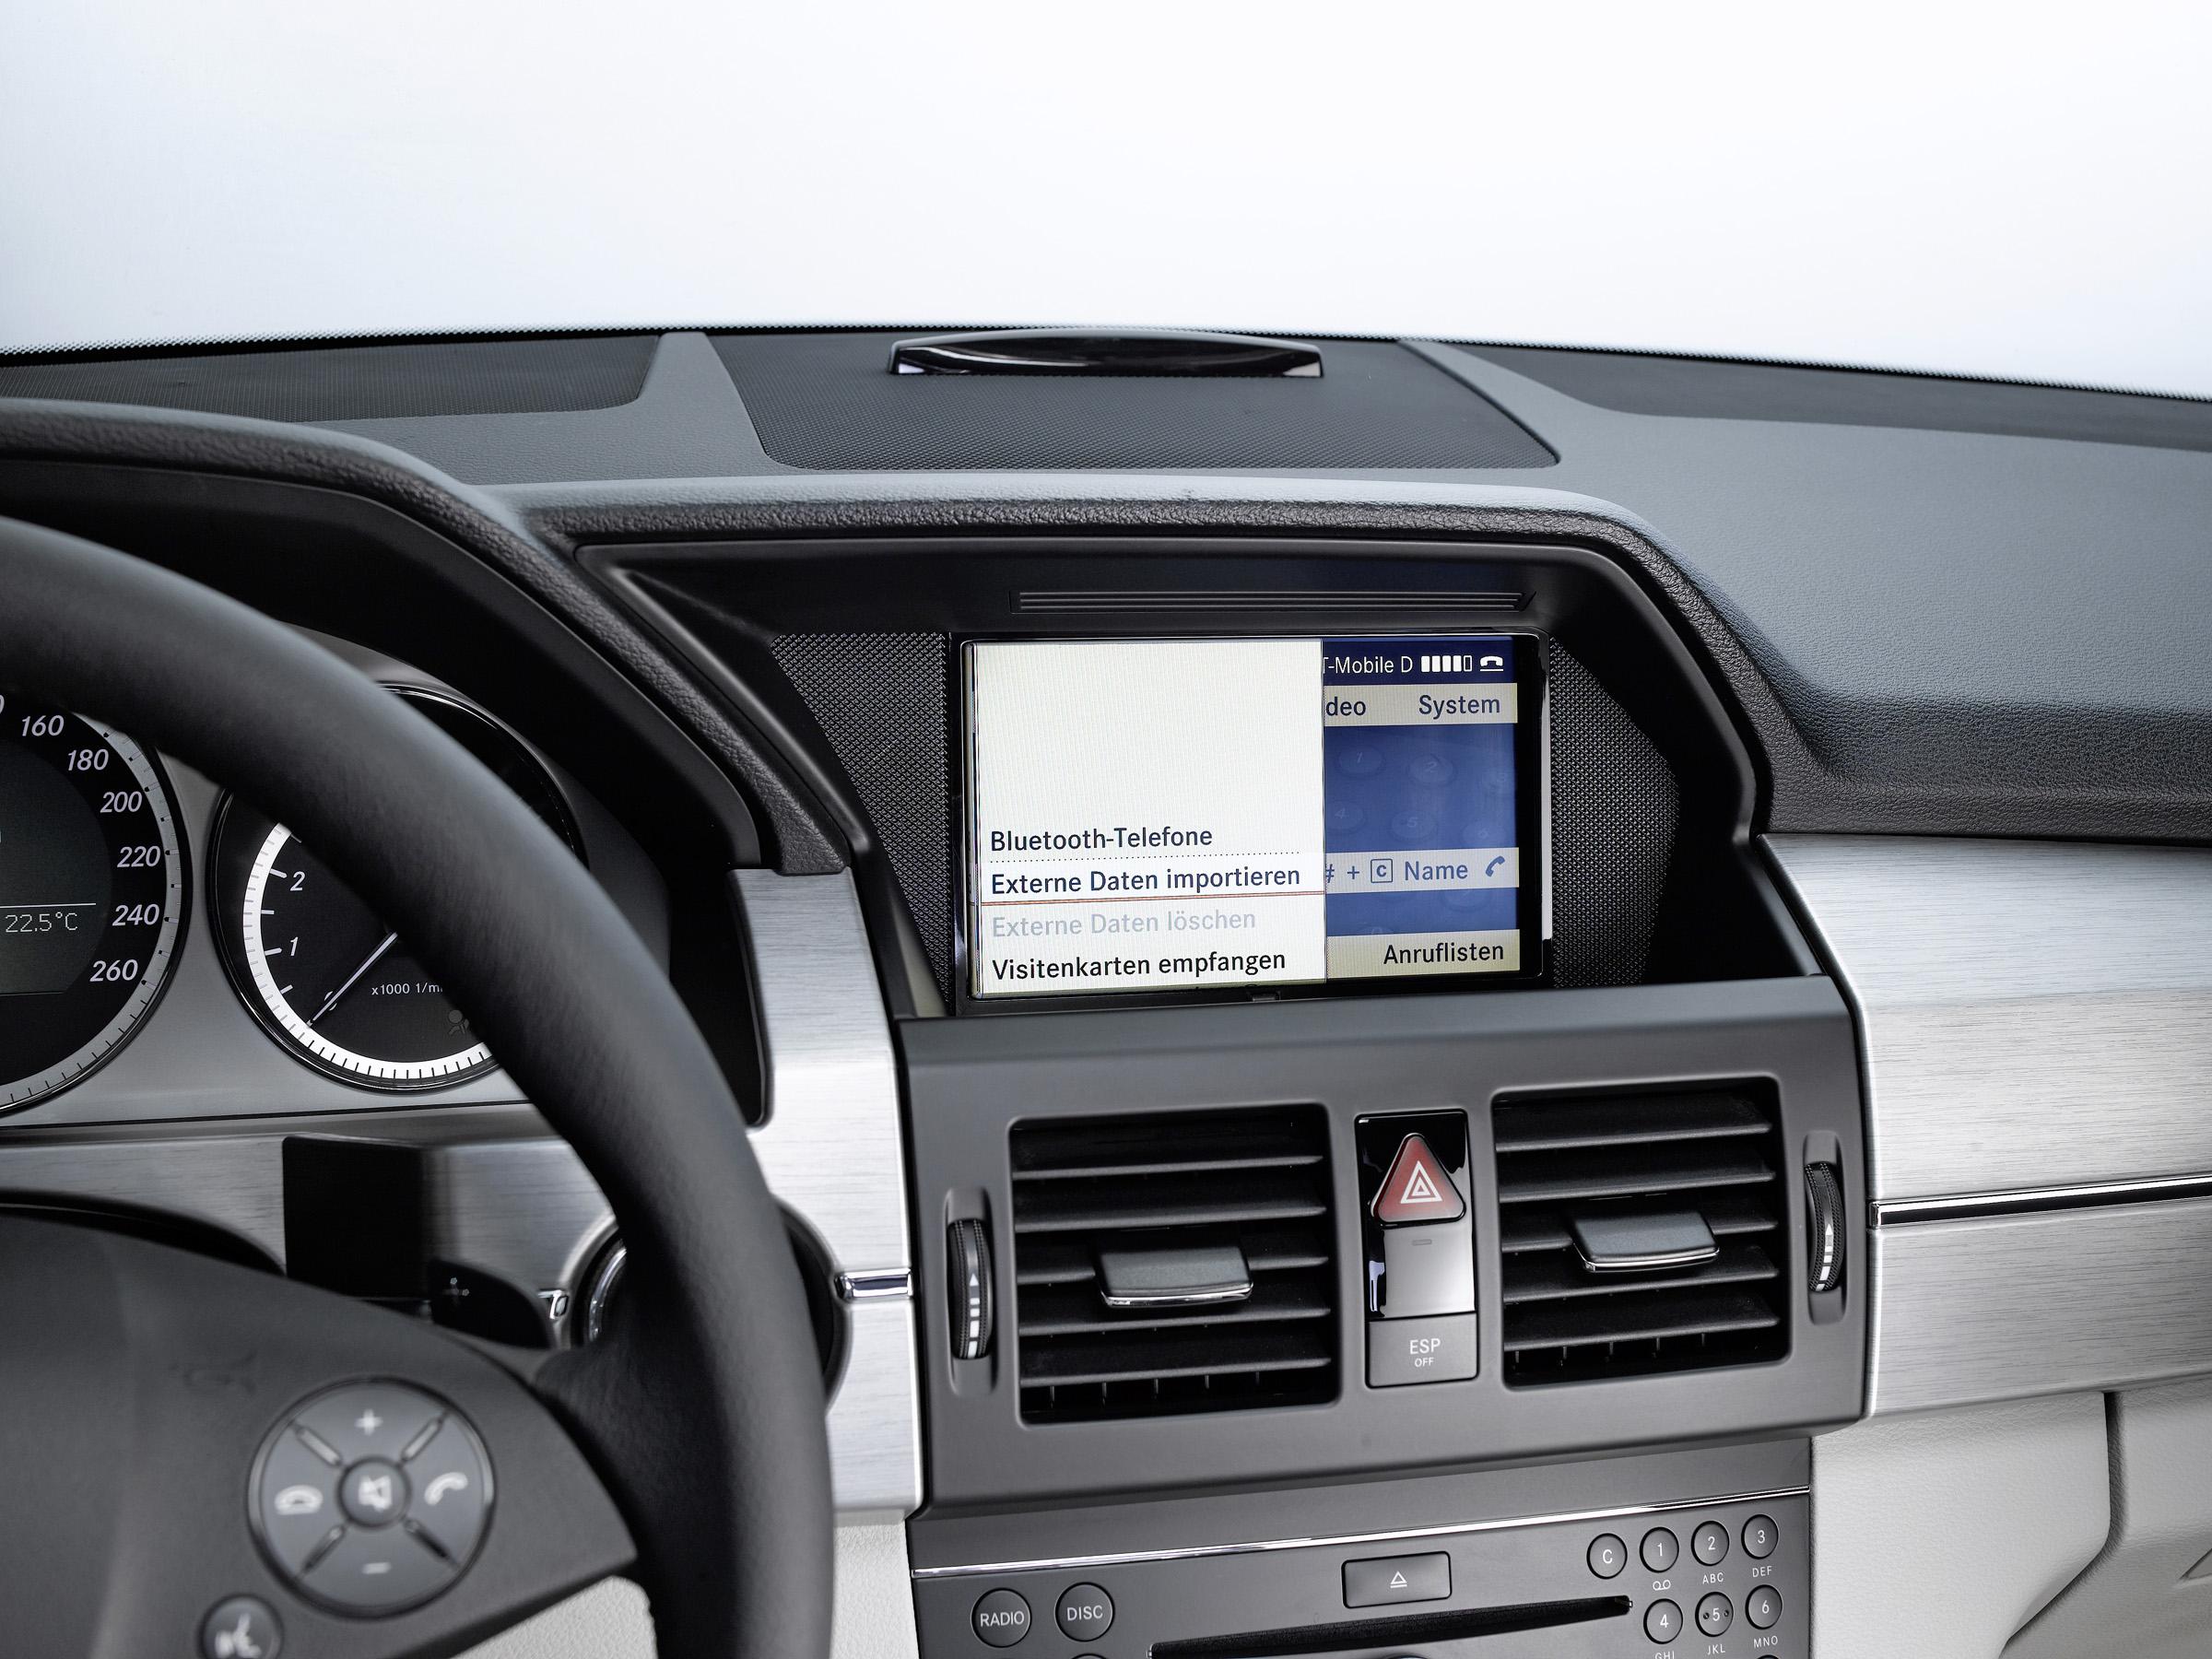 Новая колыбель позволяет полностью интегрироваться в архитектуре автомобиля: Mercedes-Benz делает в автомобиле iPhone® подключение еще проще - фотография №7